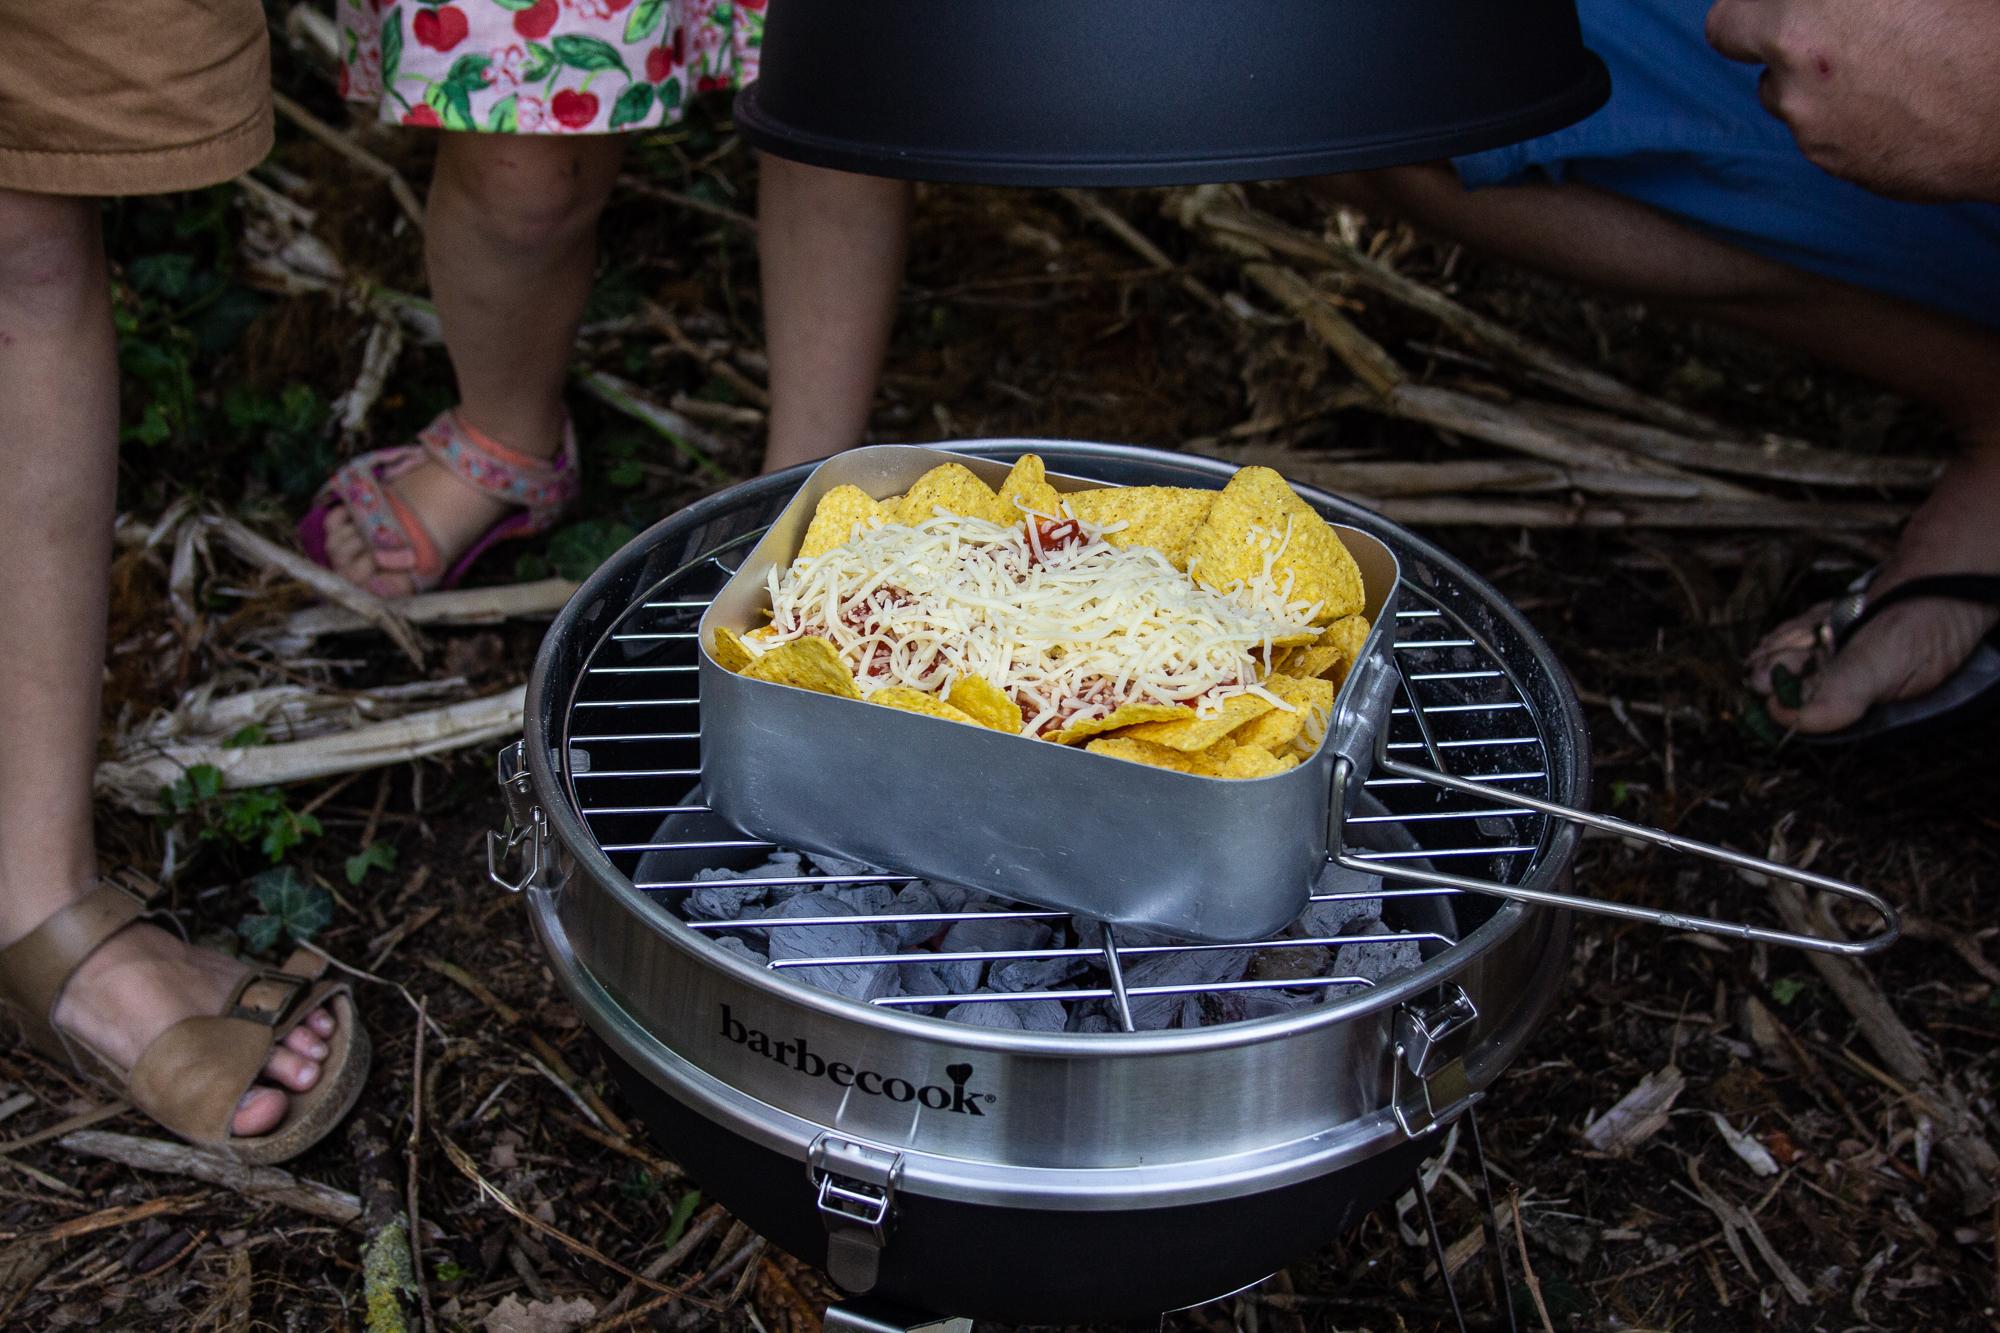 vaderklap barbecook-21.jpg